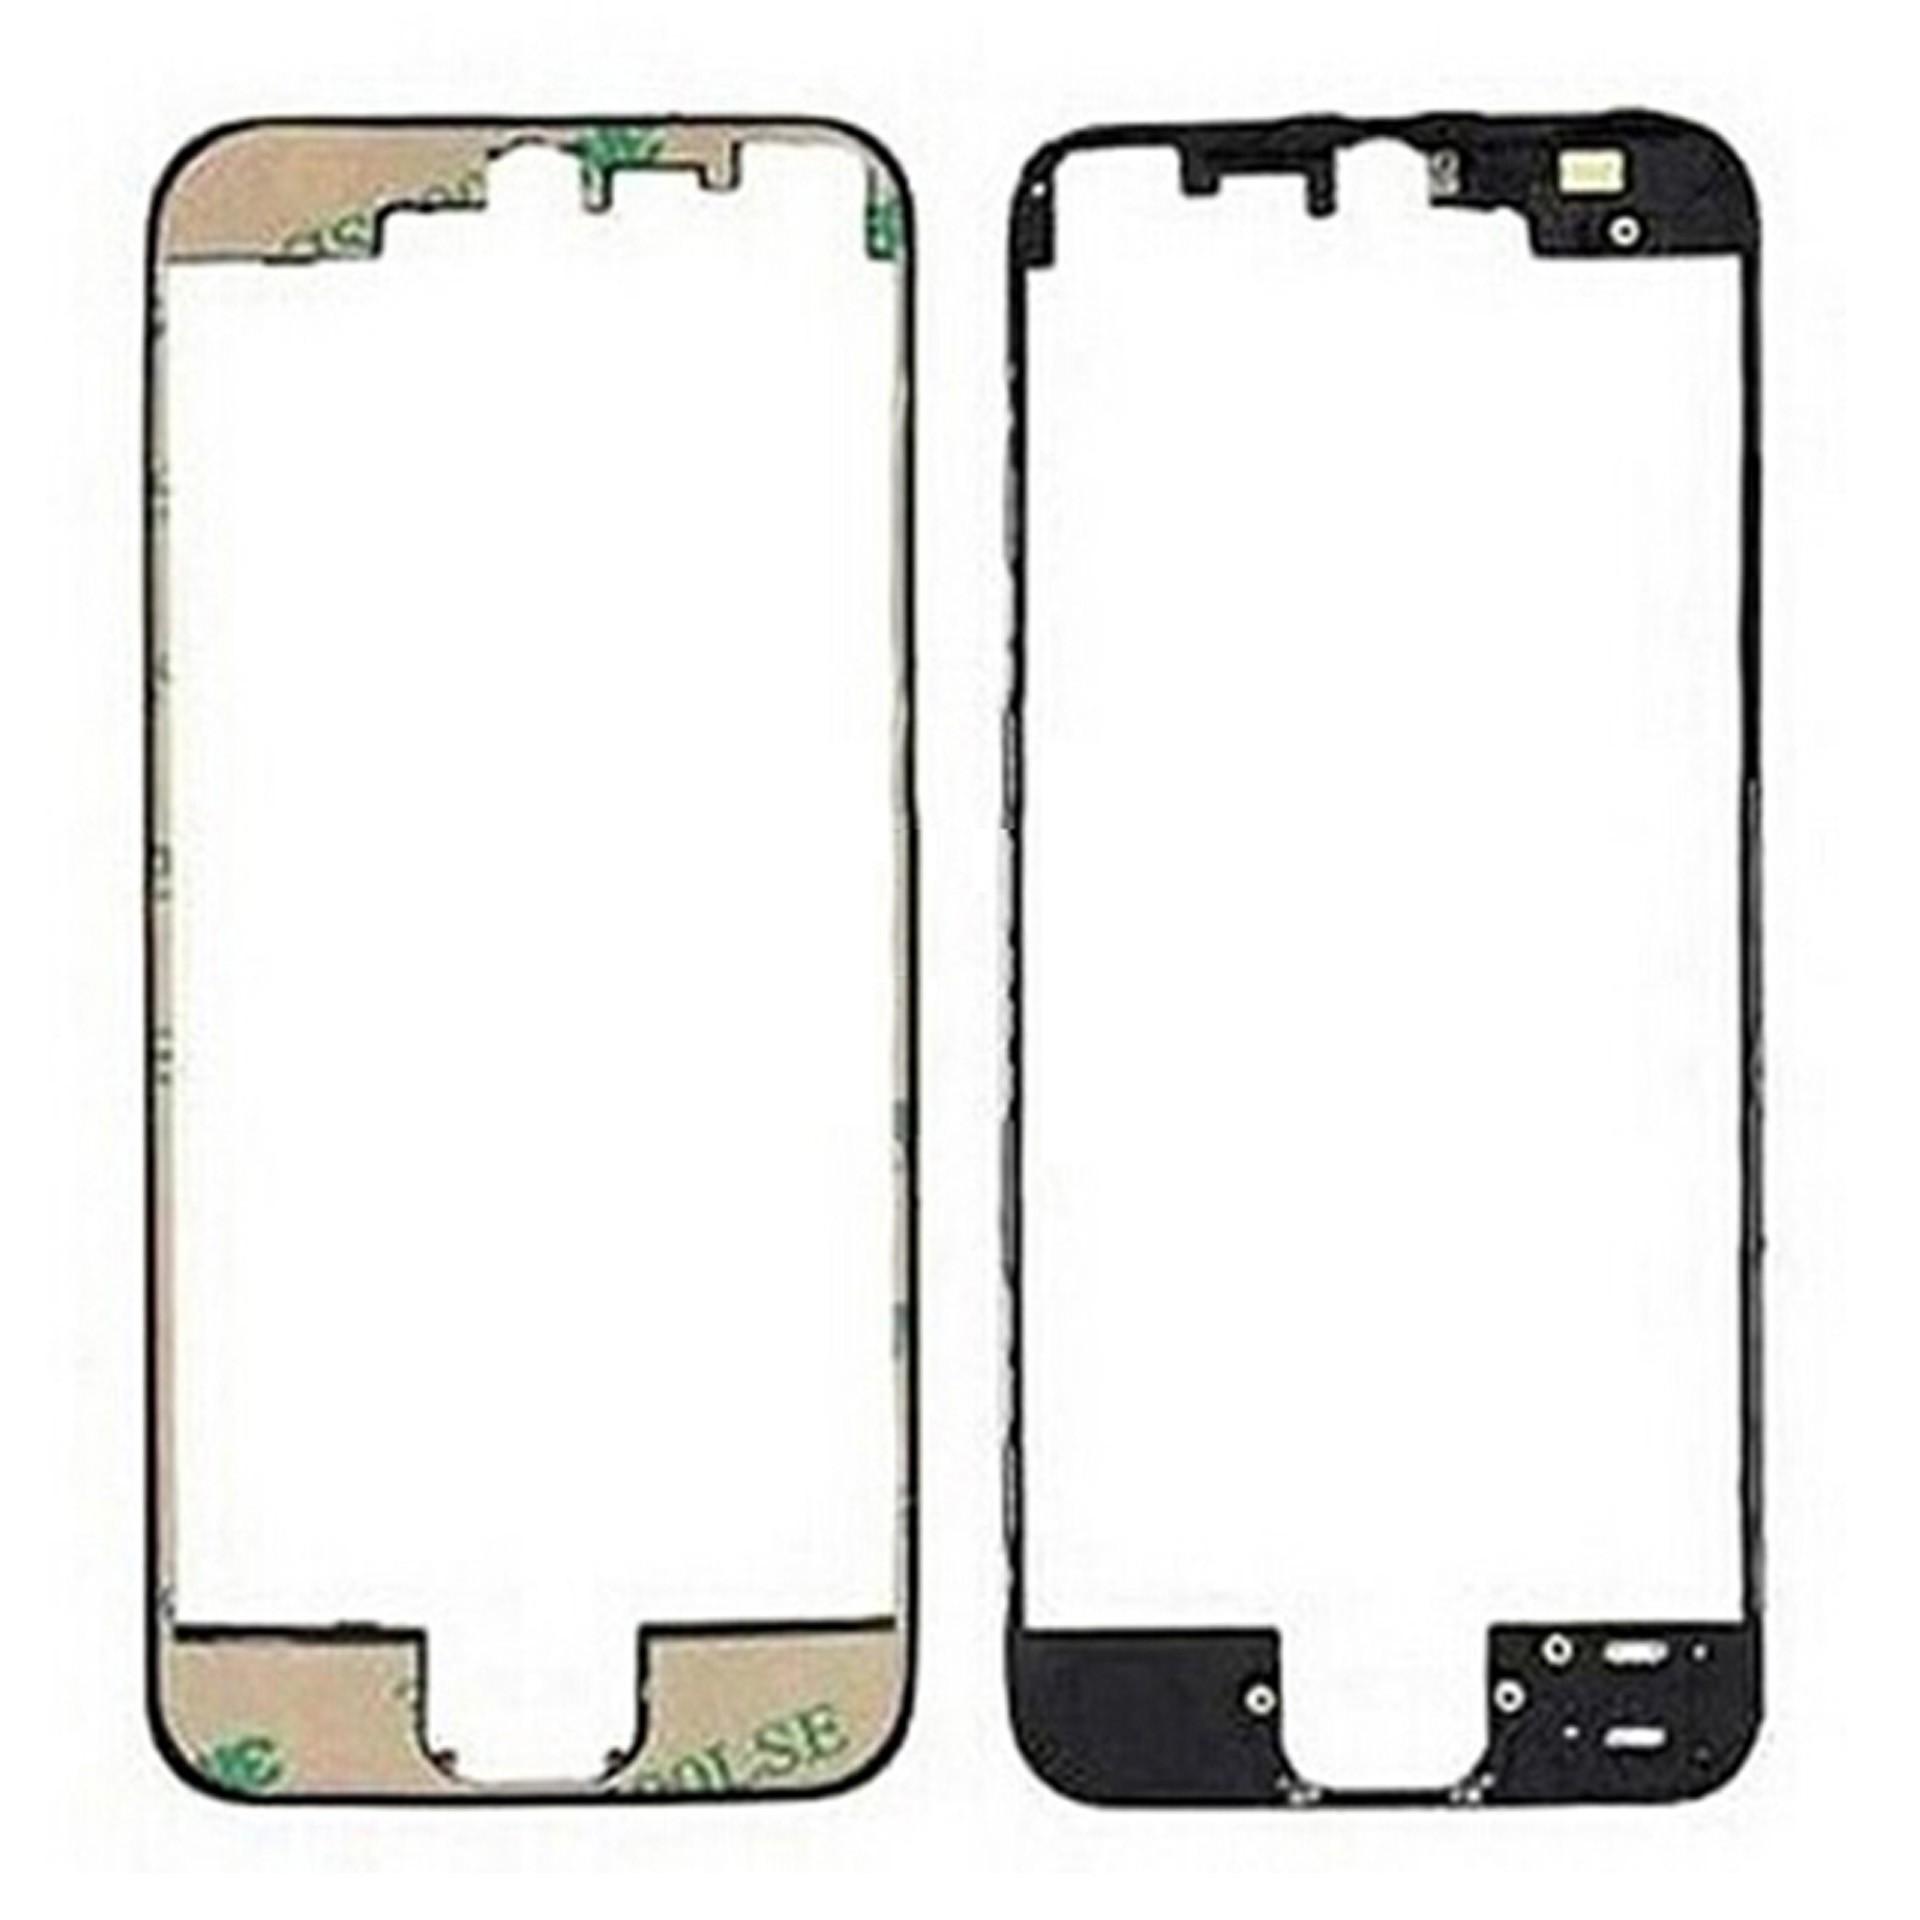 Dispayrahmen für iPhone 6 - Schwarz